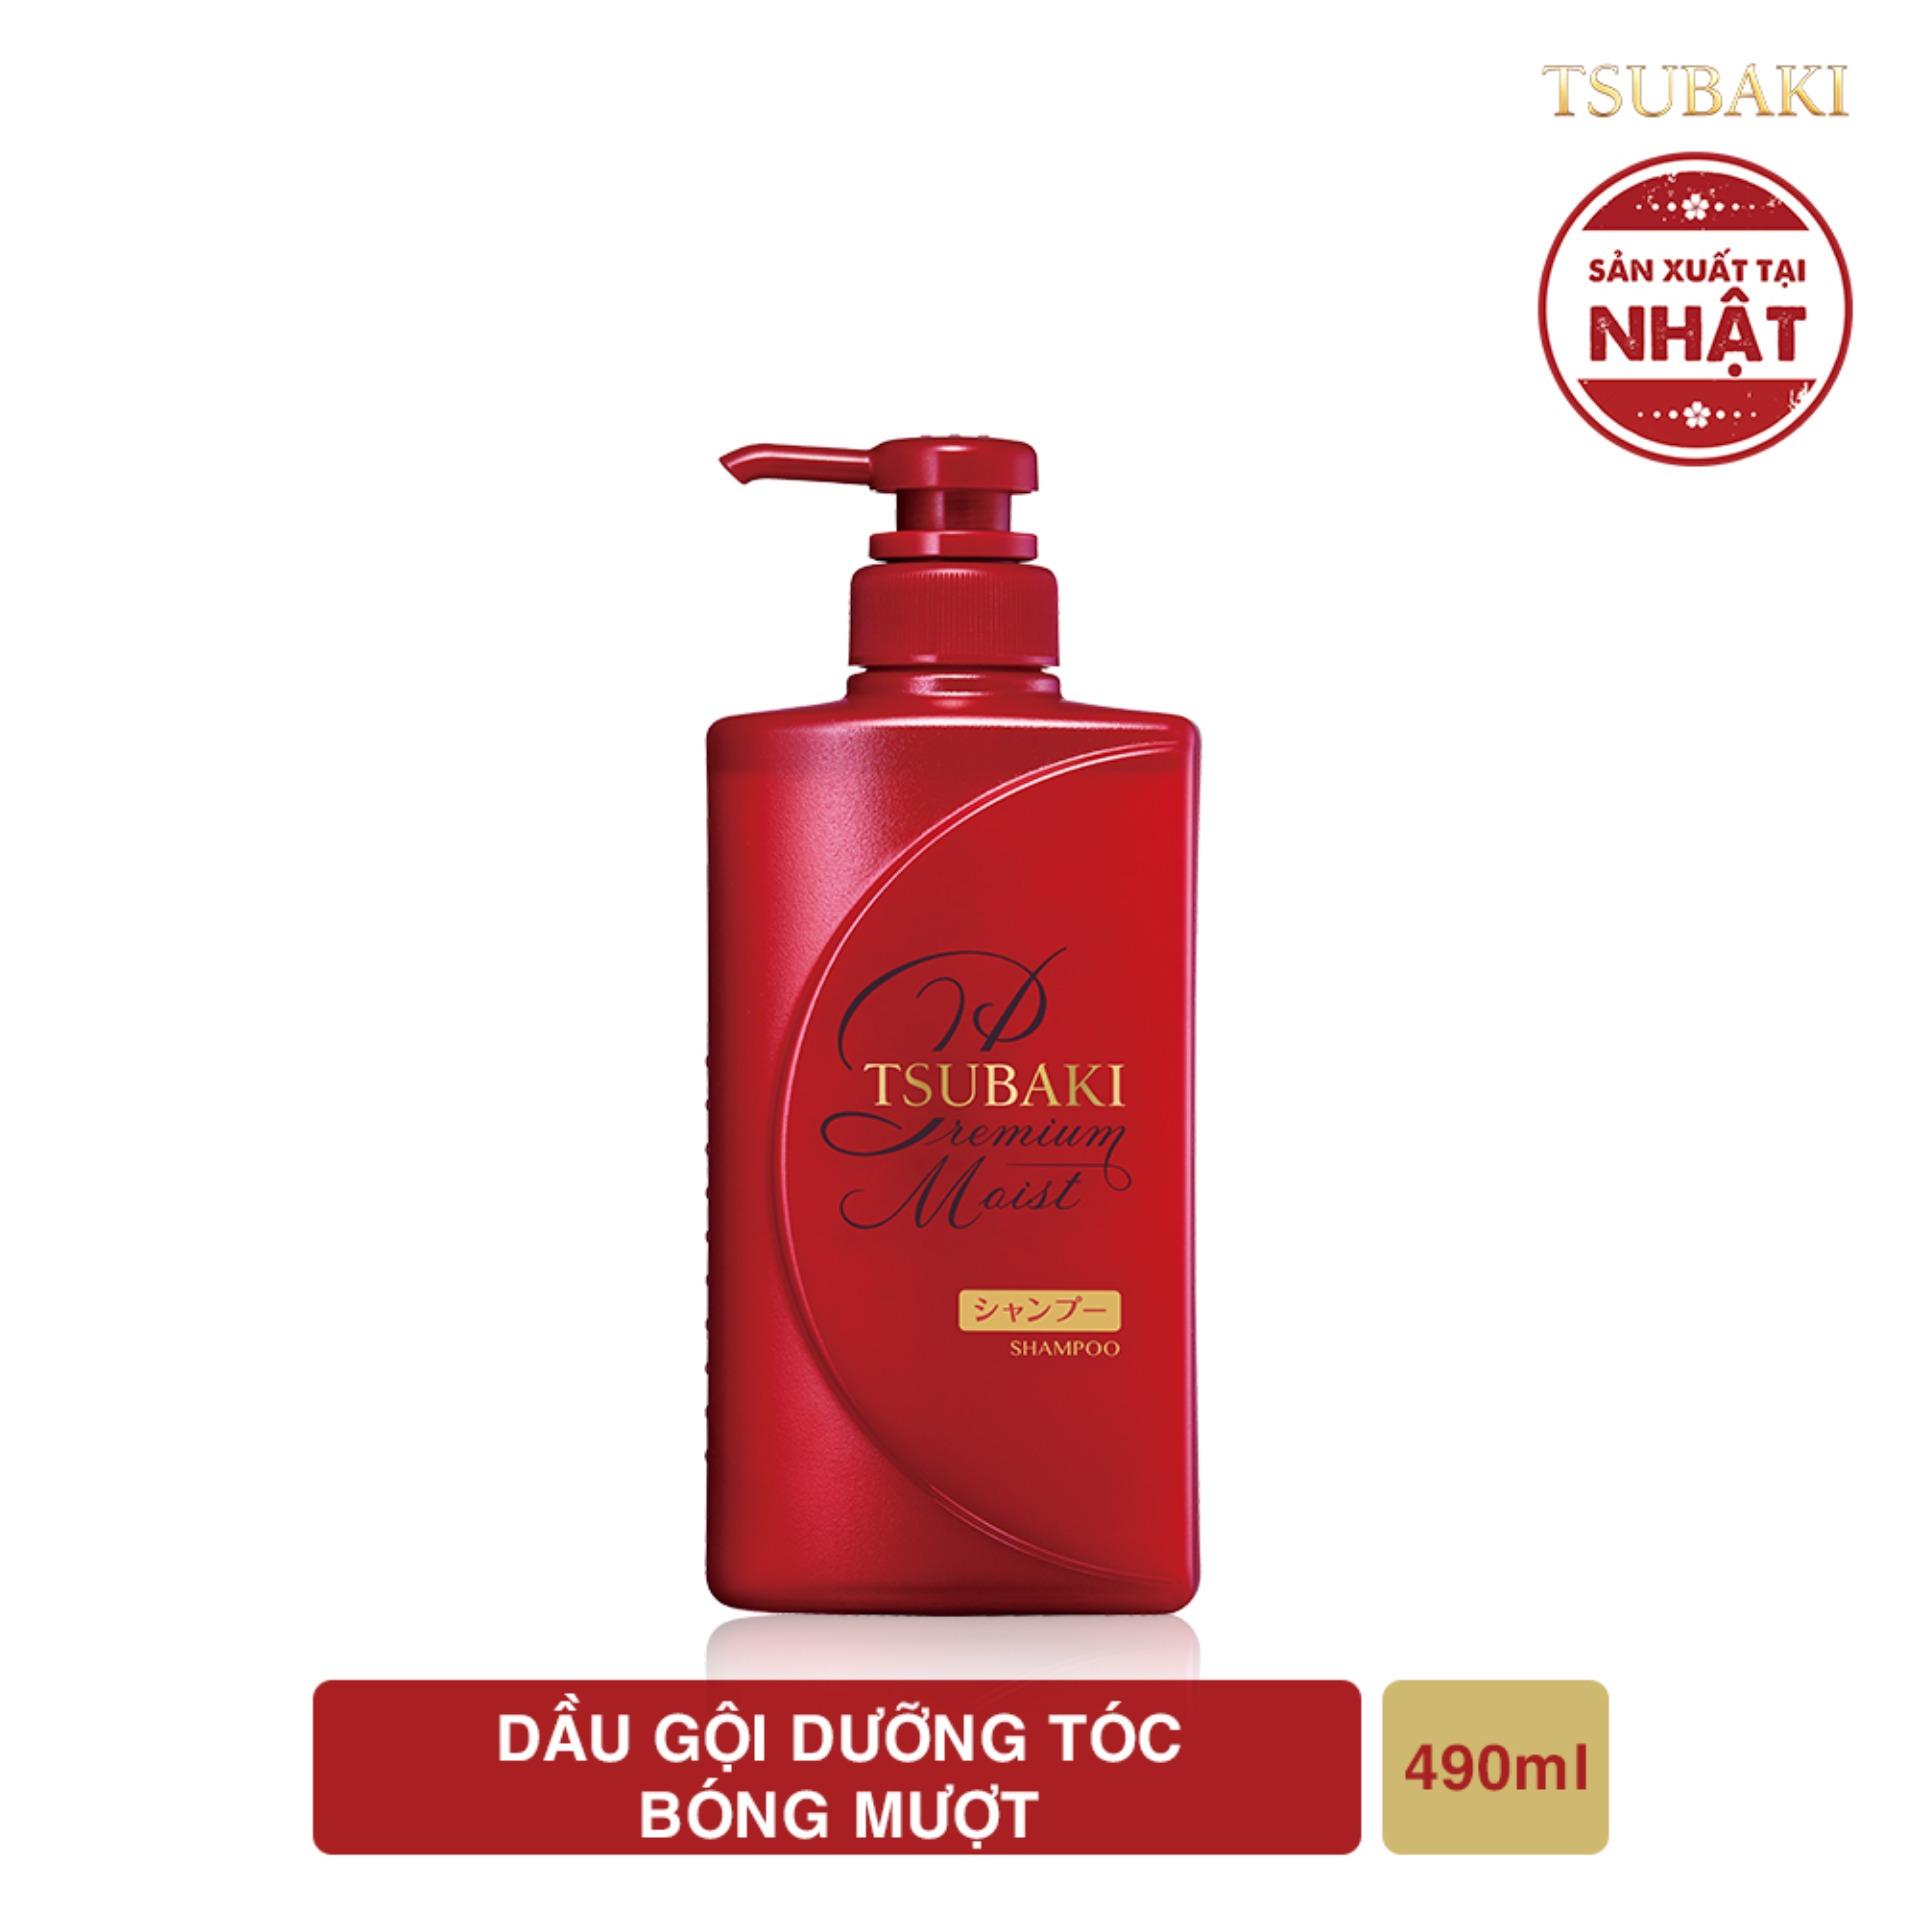 Dầu gội dưỡng tóc bóng mượt Tsubaki premium moist shampoo 490ml